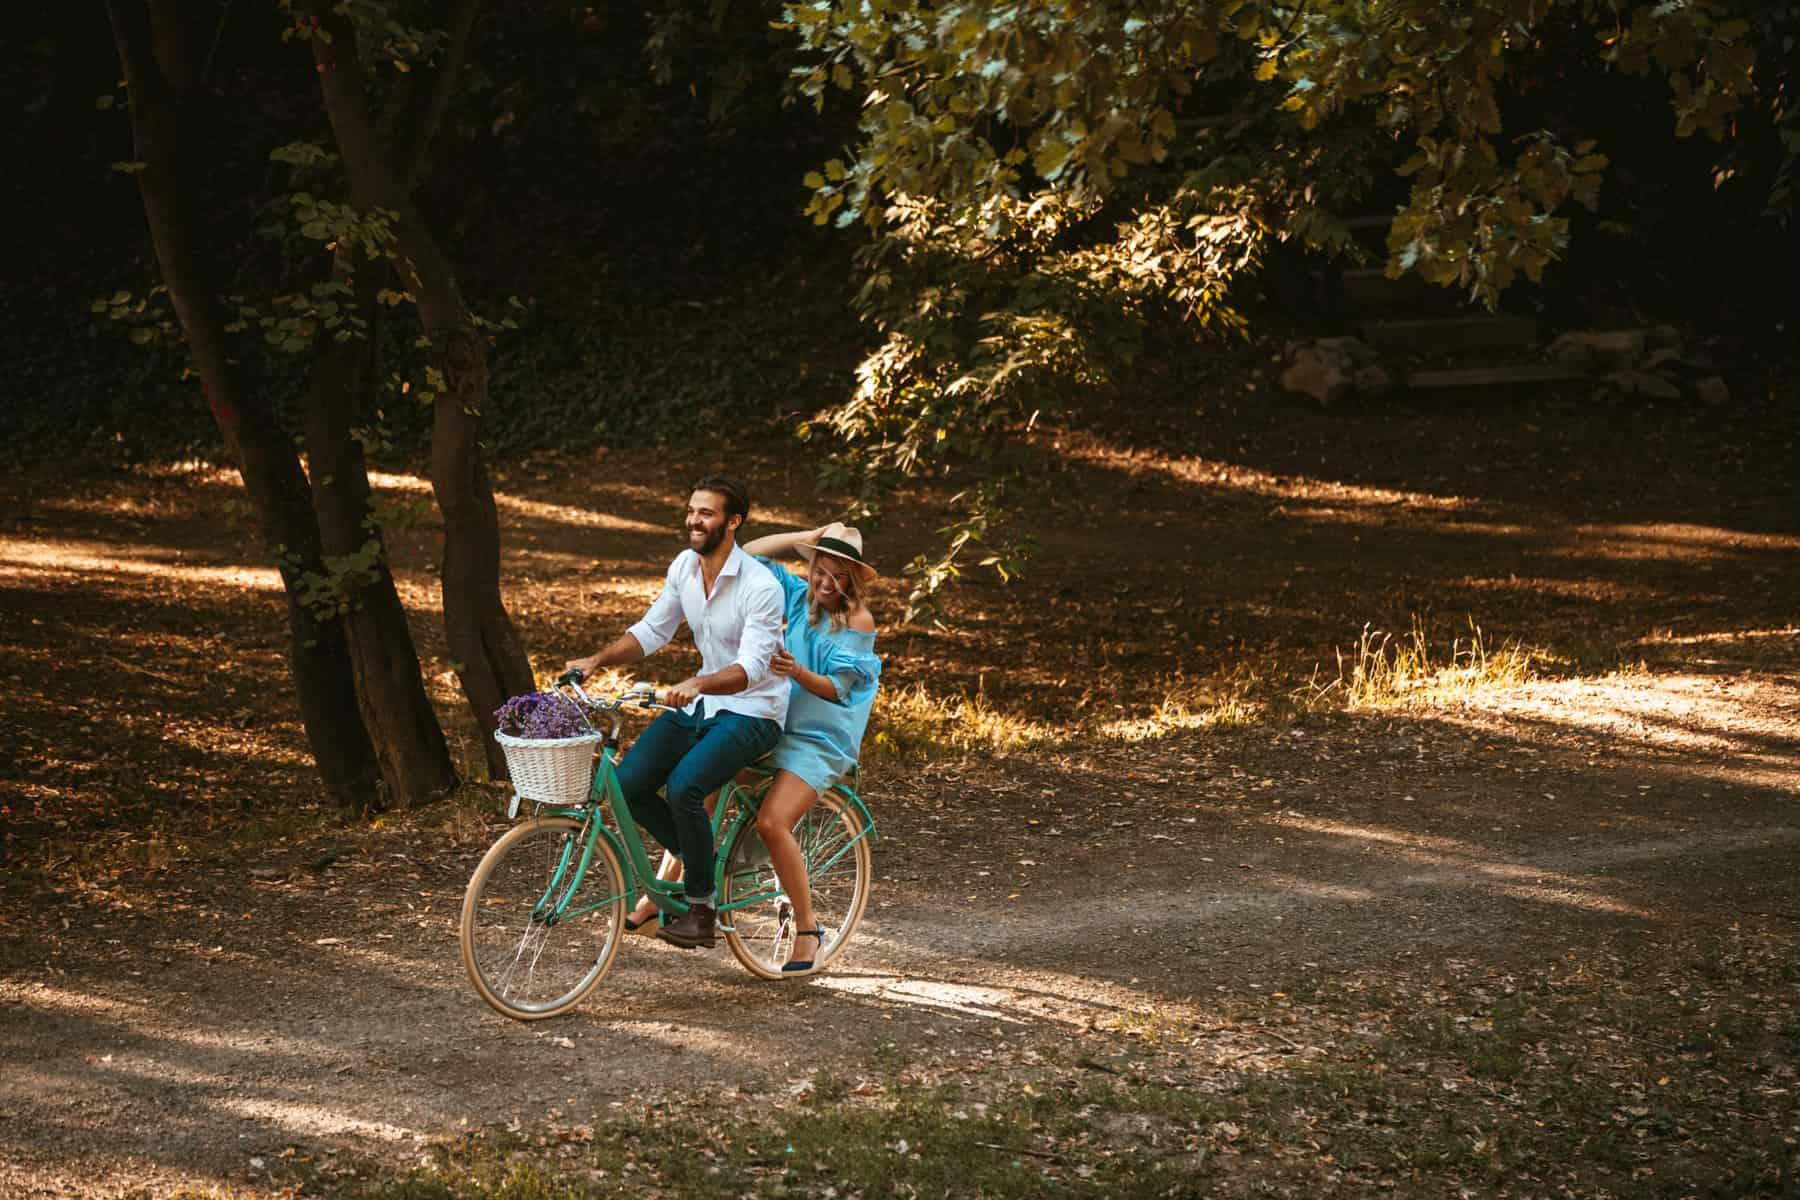 Mitmachen beim Fahrradklimatest